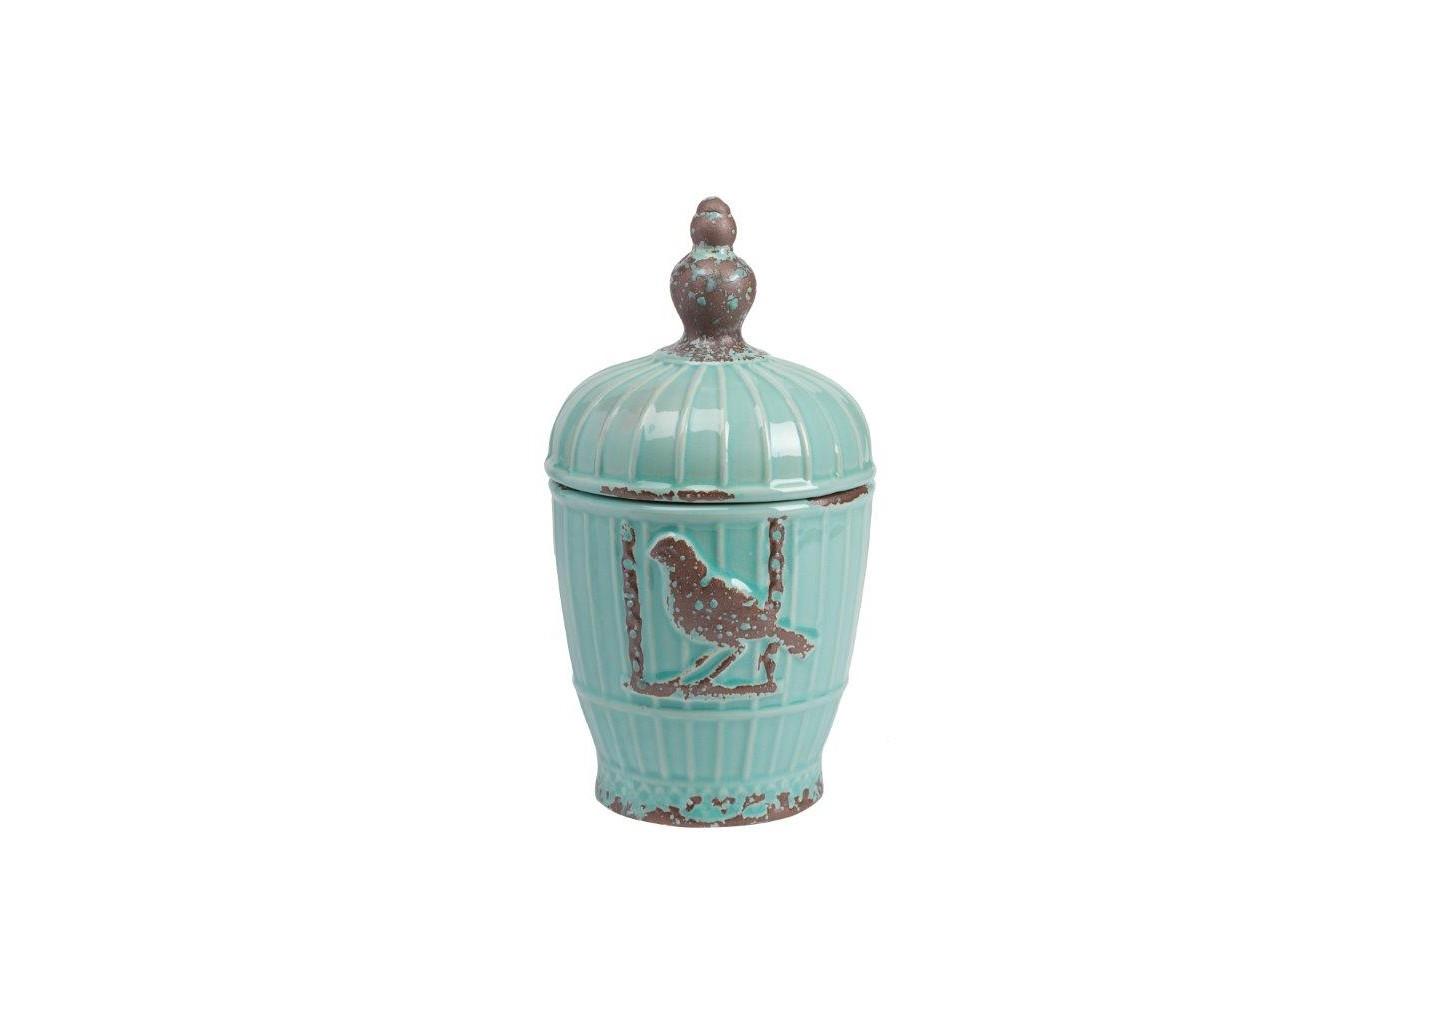 Декоративная ваза ZoltanВазы<br>Декоративная ваза Zoltan из керамики светло-зелёного цвета, с удобной крышкой, стилизована под старину. Ваза выполнена в виде клетки, с рельефным изображением птички, сидящей на перекладине. Весьма емкая ваза может выполнять как  хозяйственные функции, так и стать отличным дополнением интерьера вашего дома.<br><br>Material: Керамика<br>Height см: 25<br>Diameter см: 14